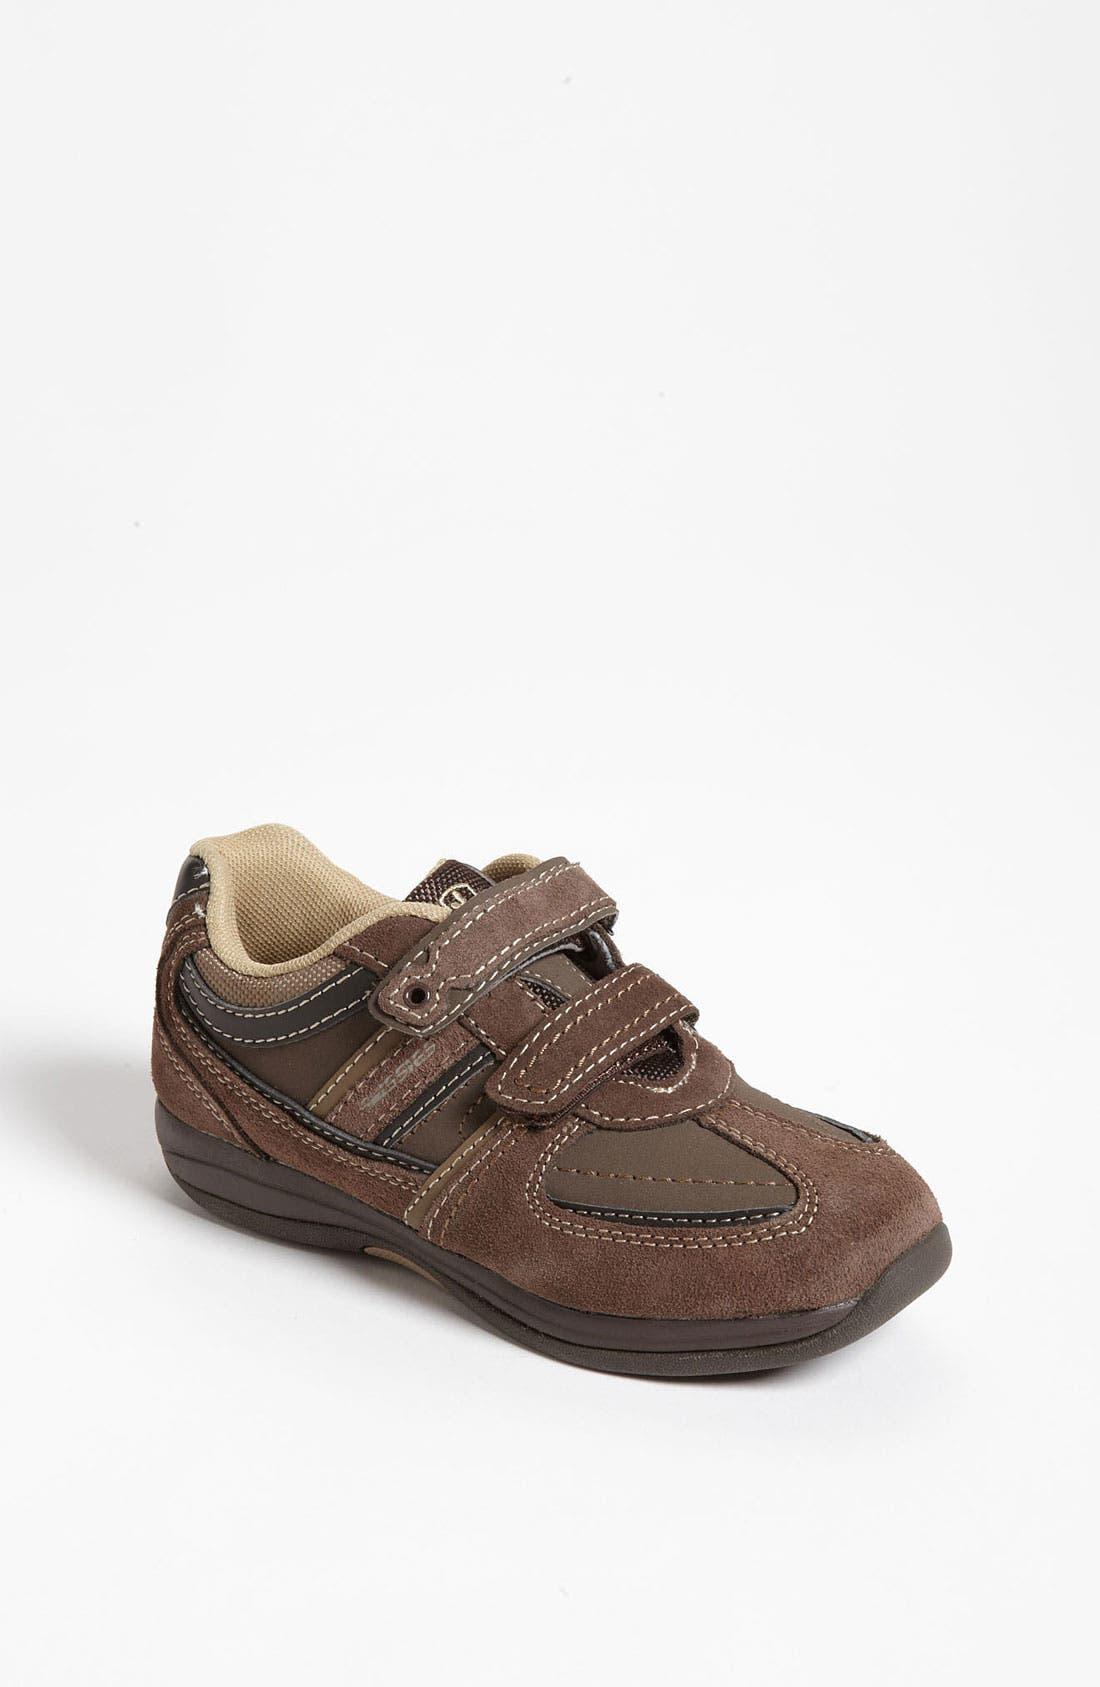 Main Image - Swissies 'Derek' Sneaker (Toddler, Little Kid & Big Kid)